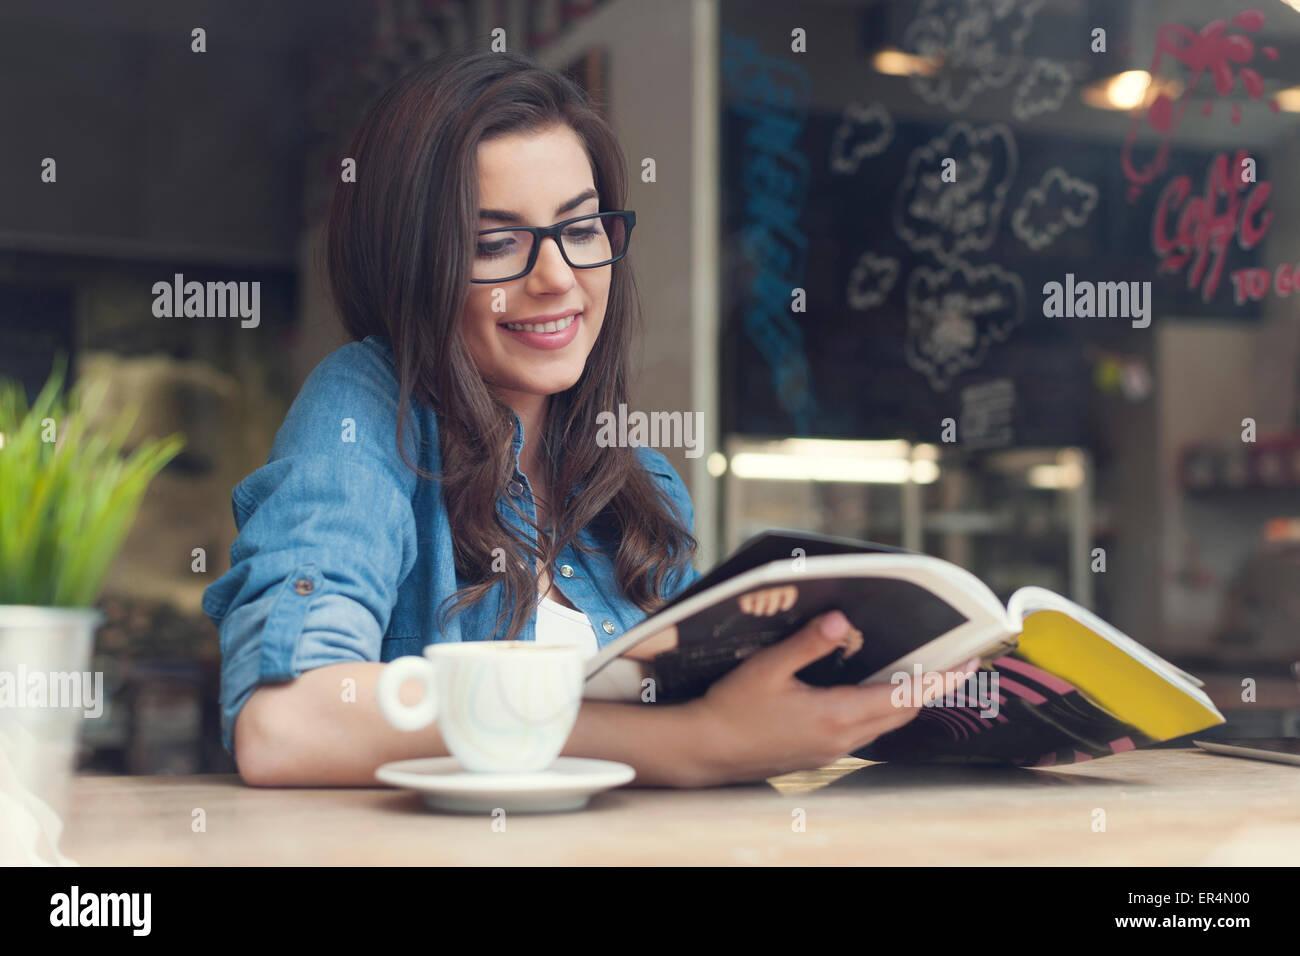 Donna sorridente quotidiano di lettura presso il cafe. Cracovia in Polonia Immagini Stock